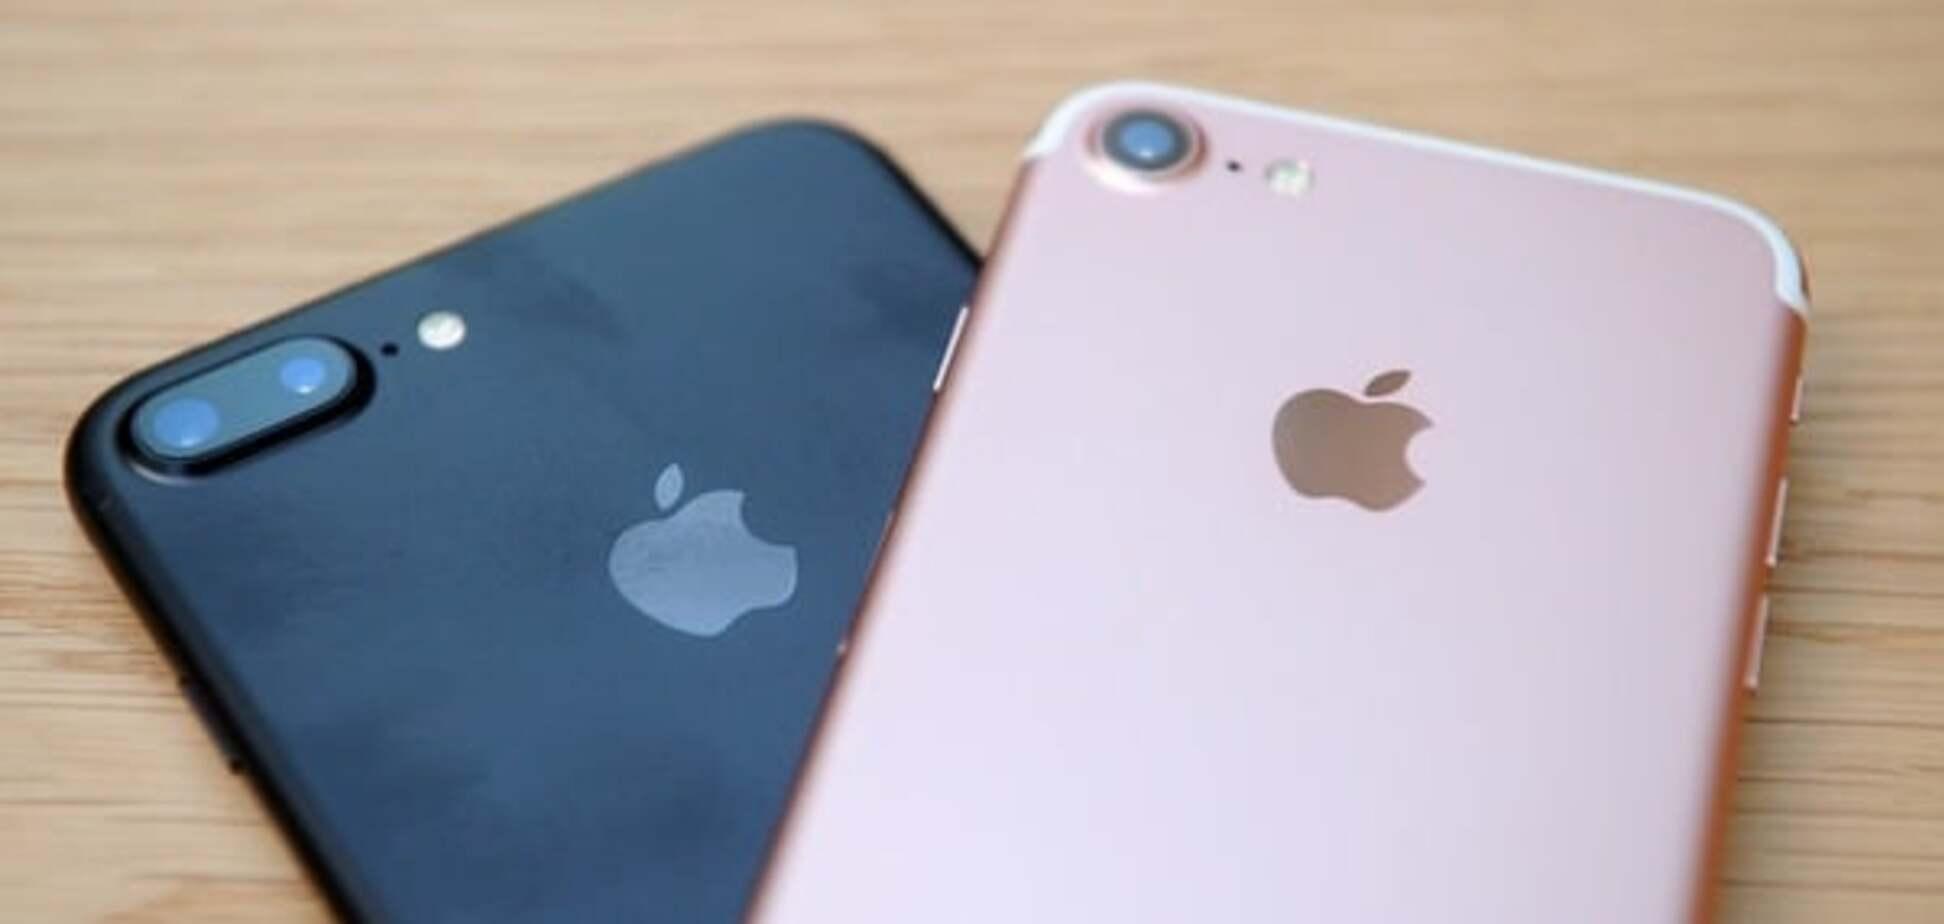 Профіт в 300%: фахівці розрахували справжню ціну iPhone 7